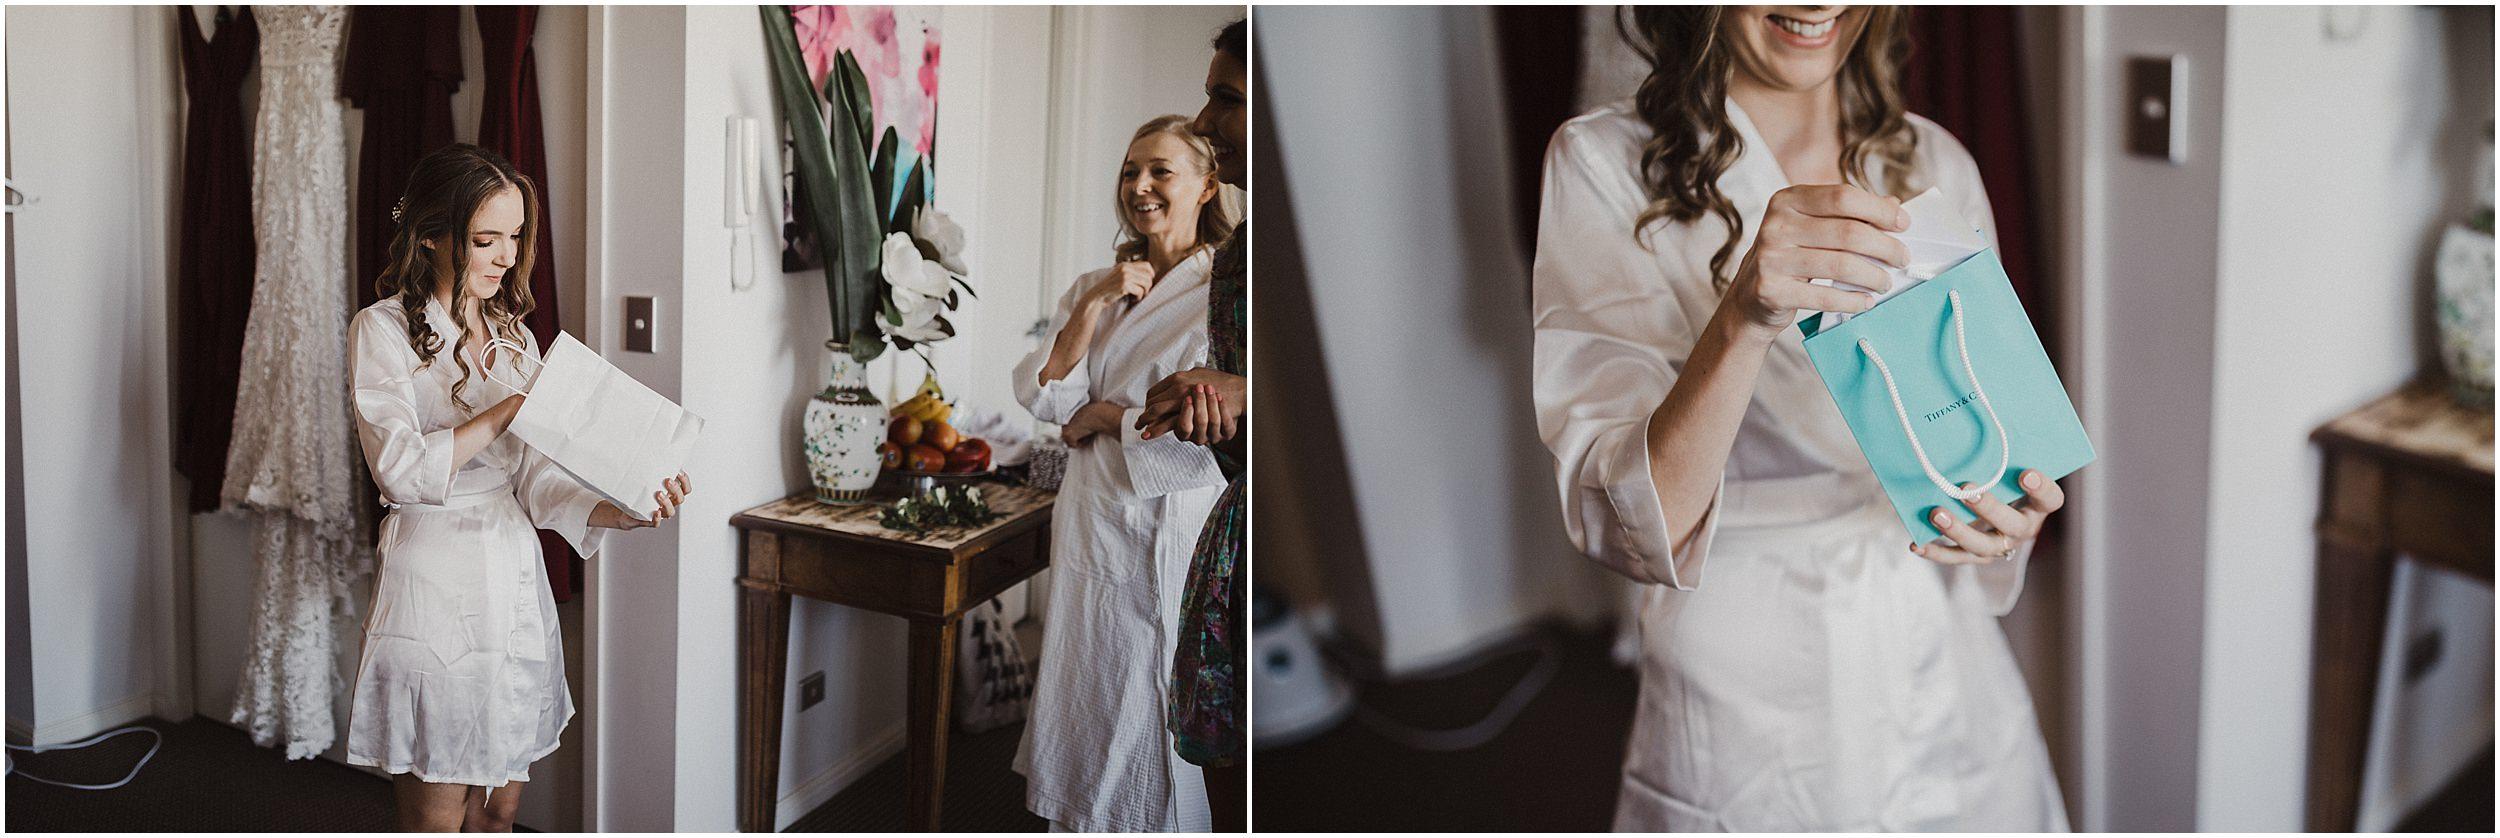 Sydney Wedding - Tiffany present from husband